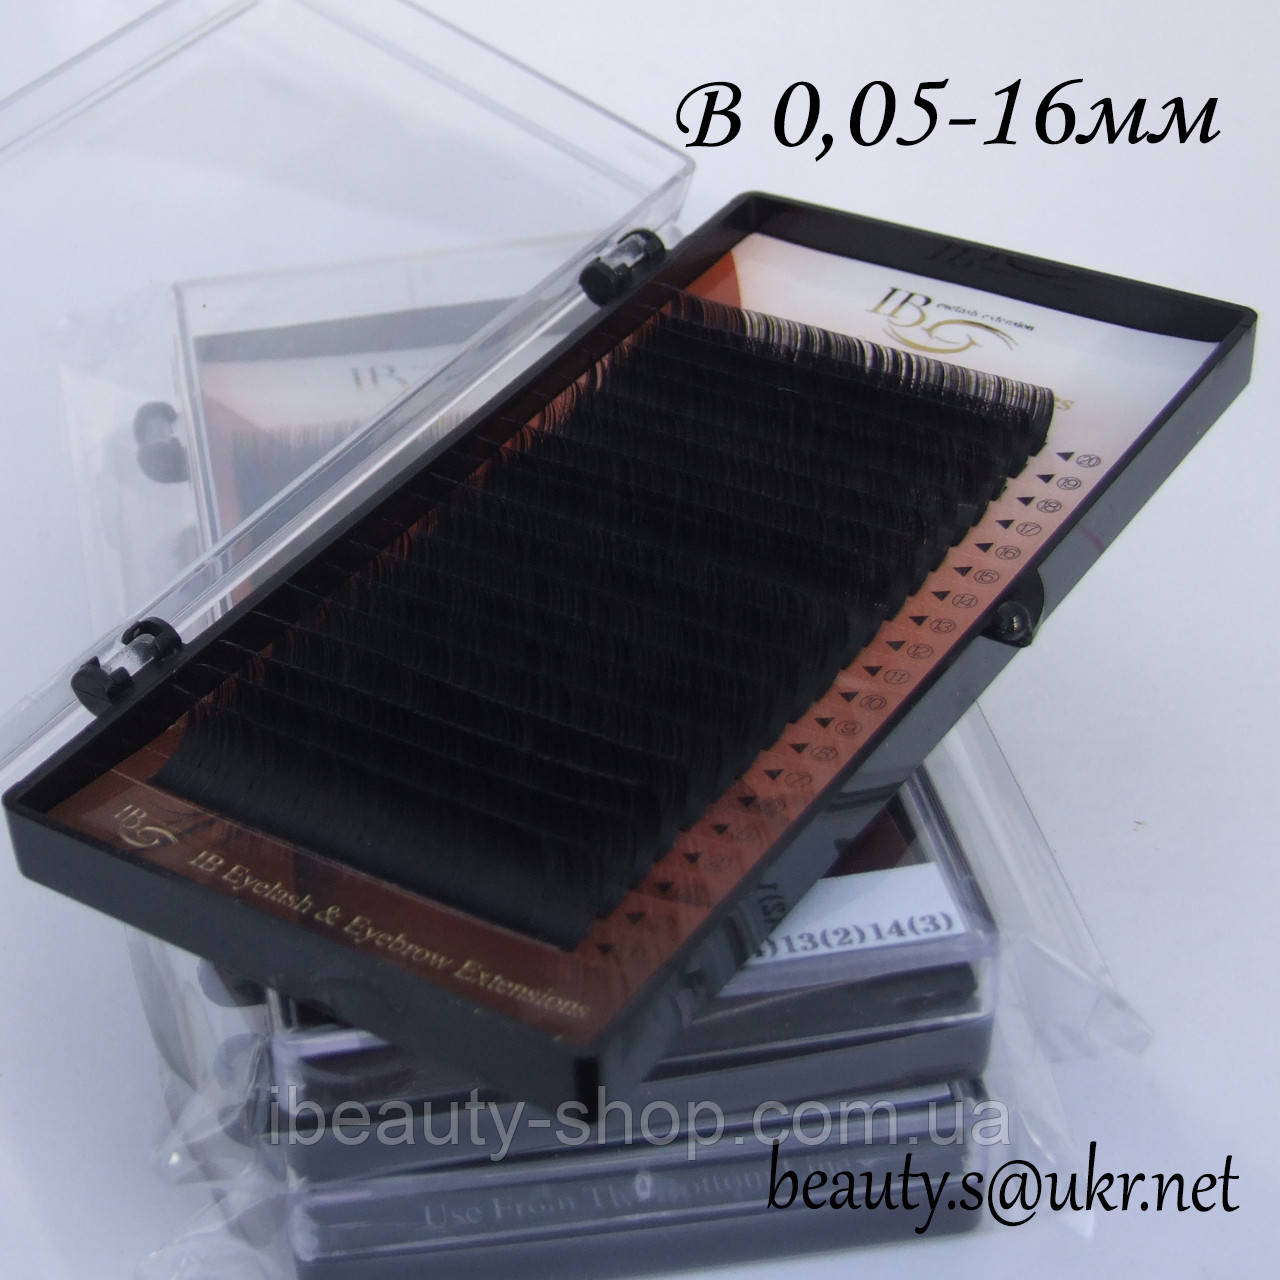 Вії I-Beauty на стрічці B 0,05-16мм